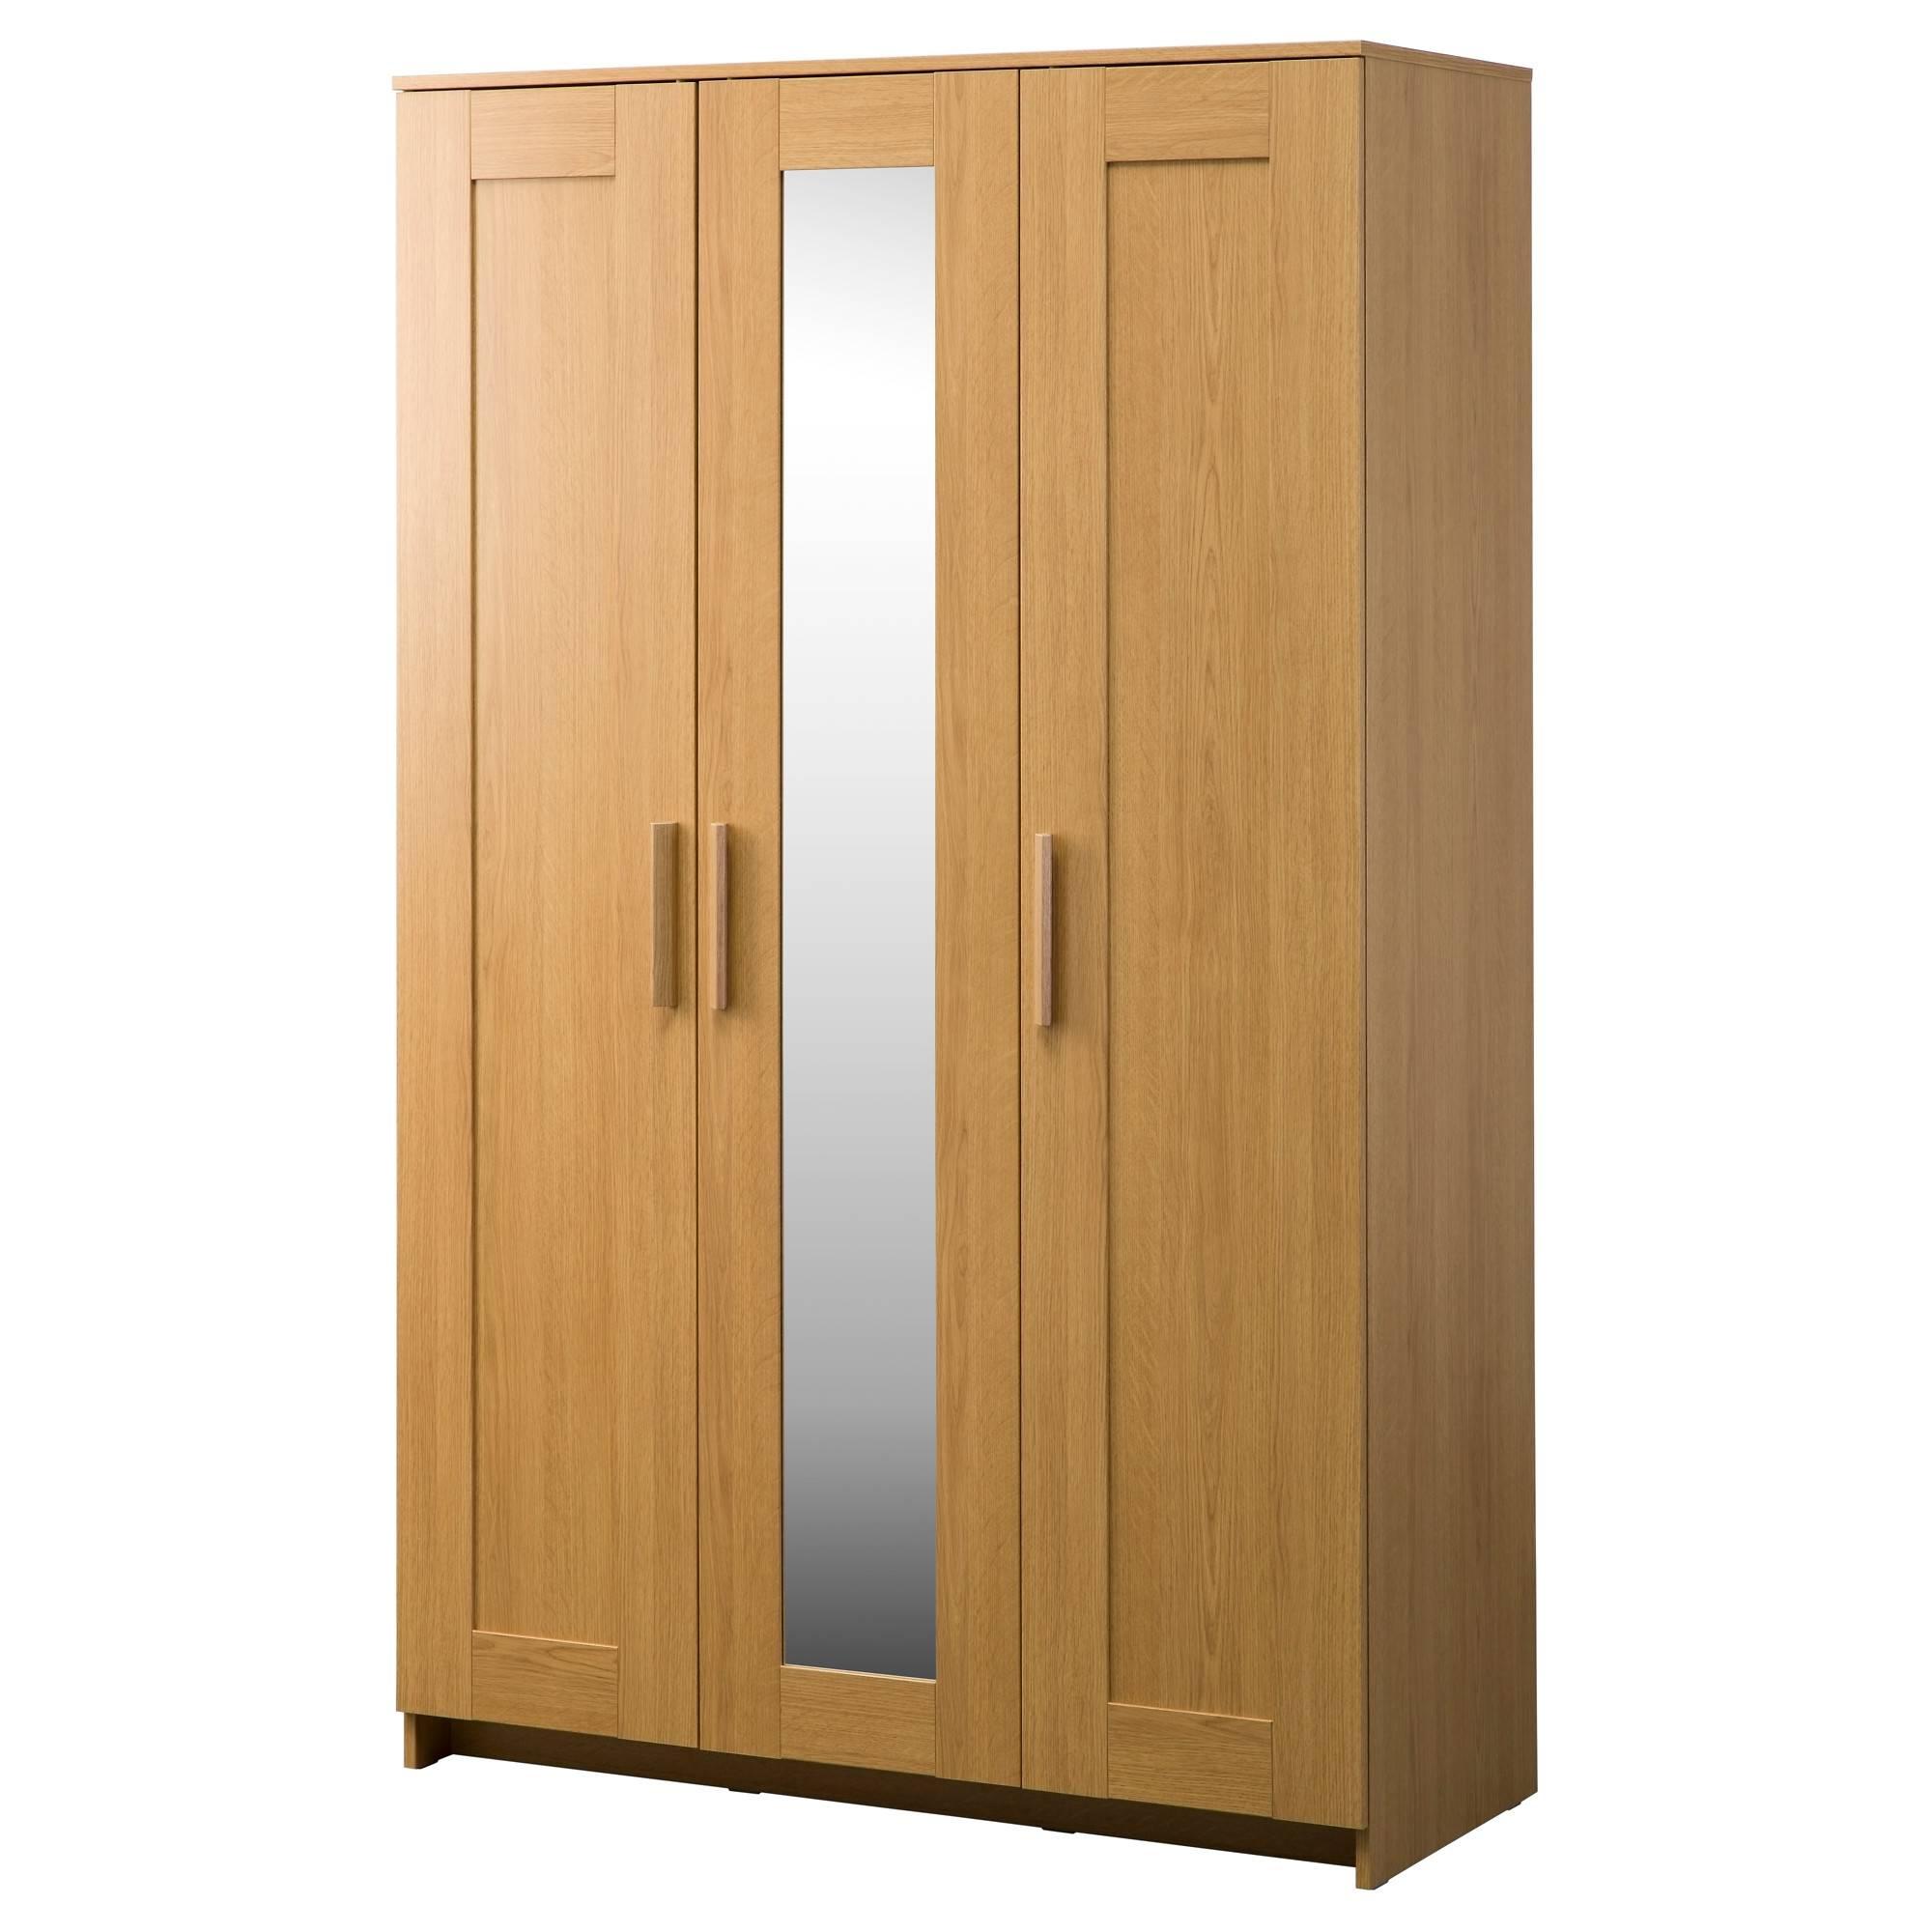 Brimnes Wardrobe With 3 Doors Oak Effect 117X190 Cm – Ikea Within Oak 3 Door Wardrobes (View 2 of 15)